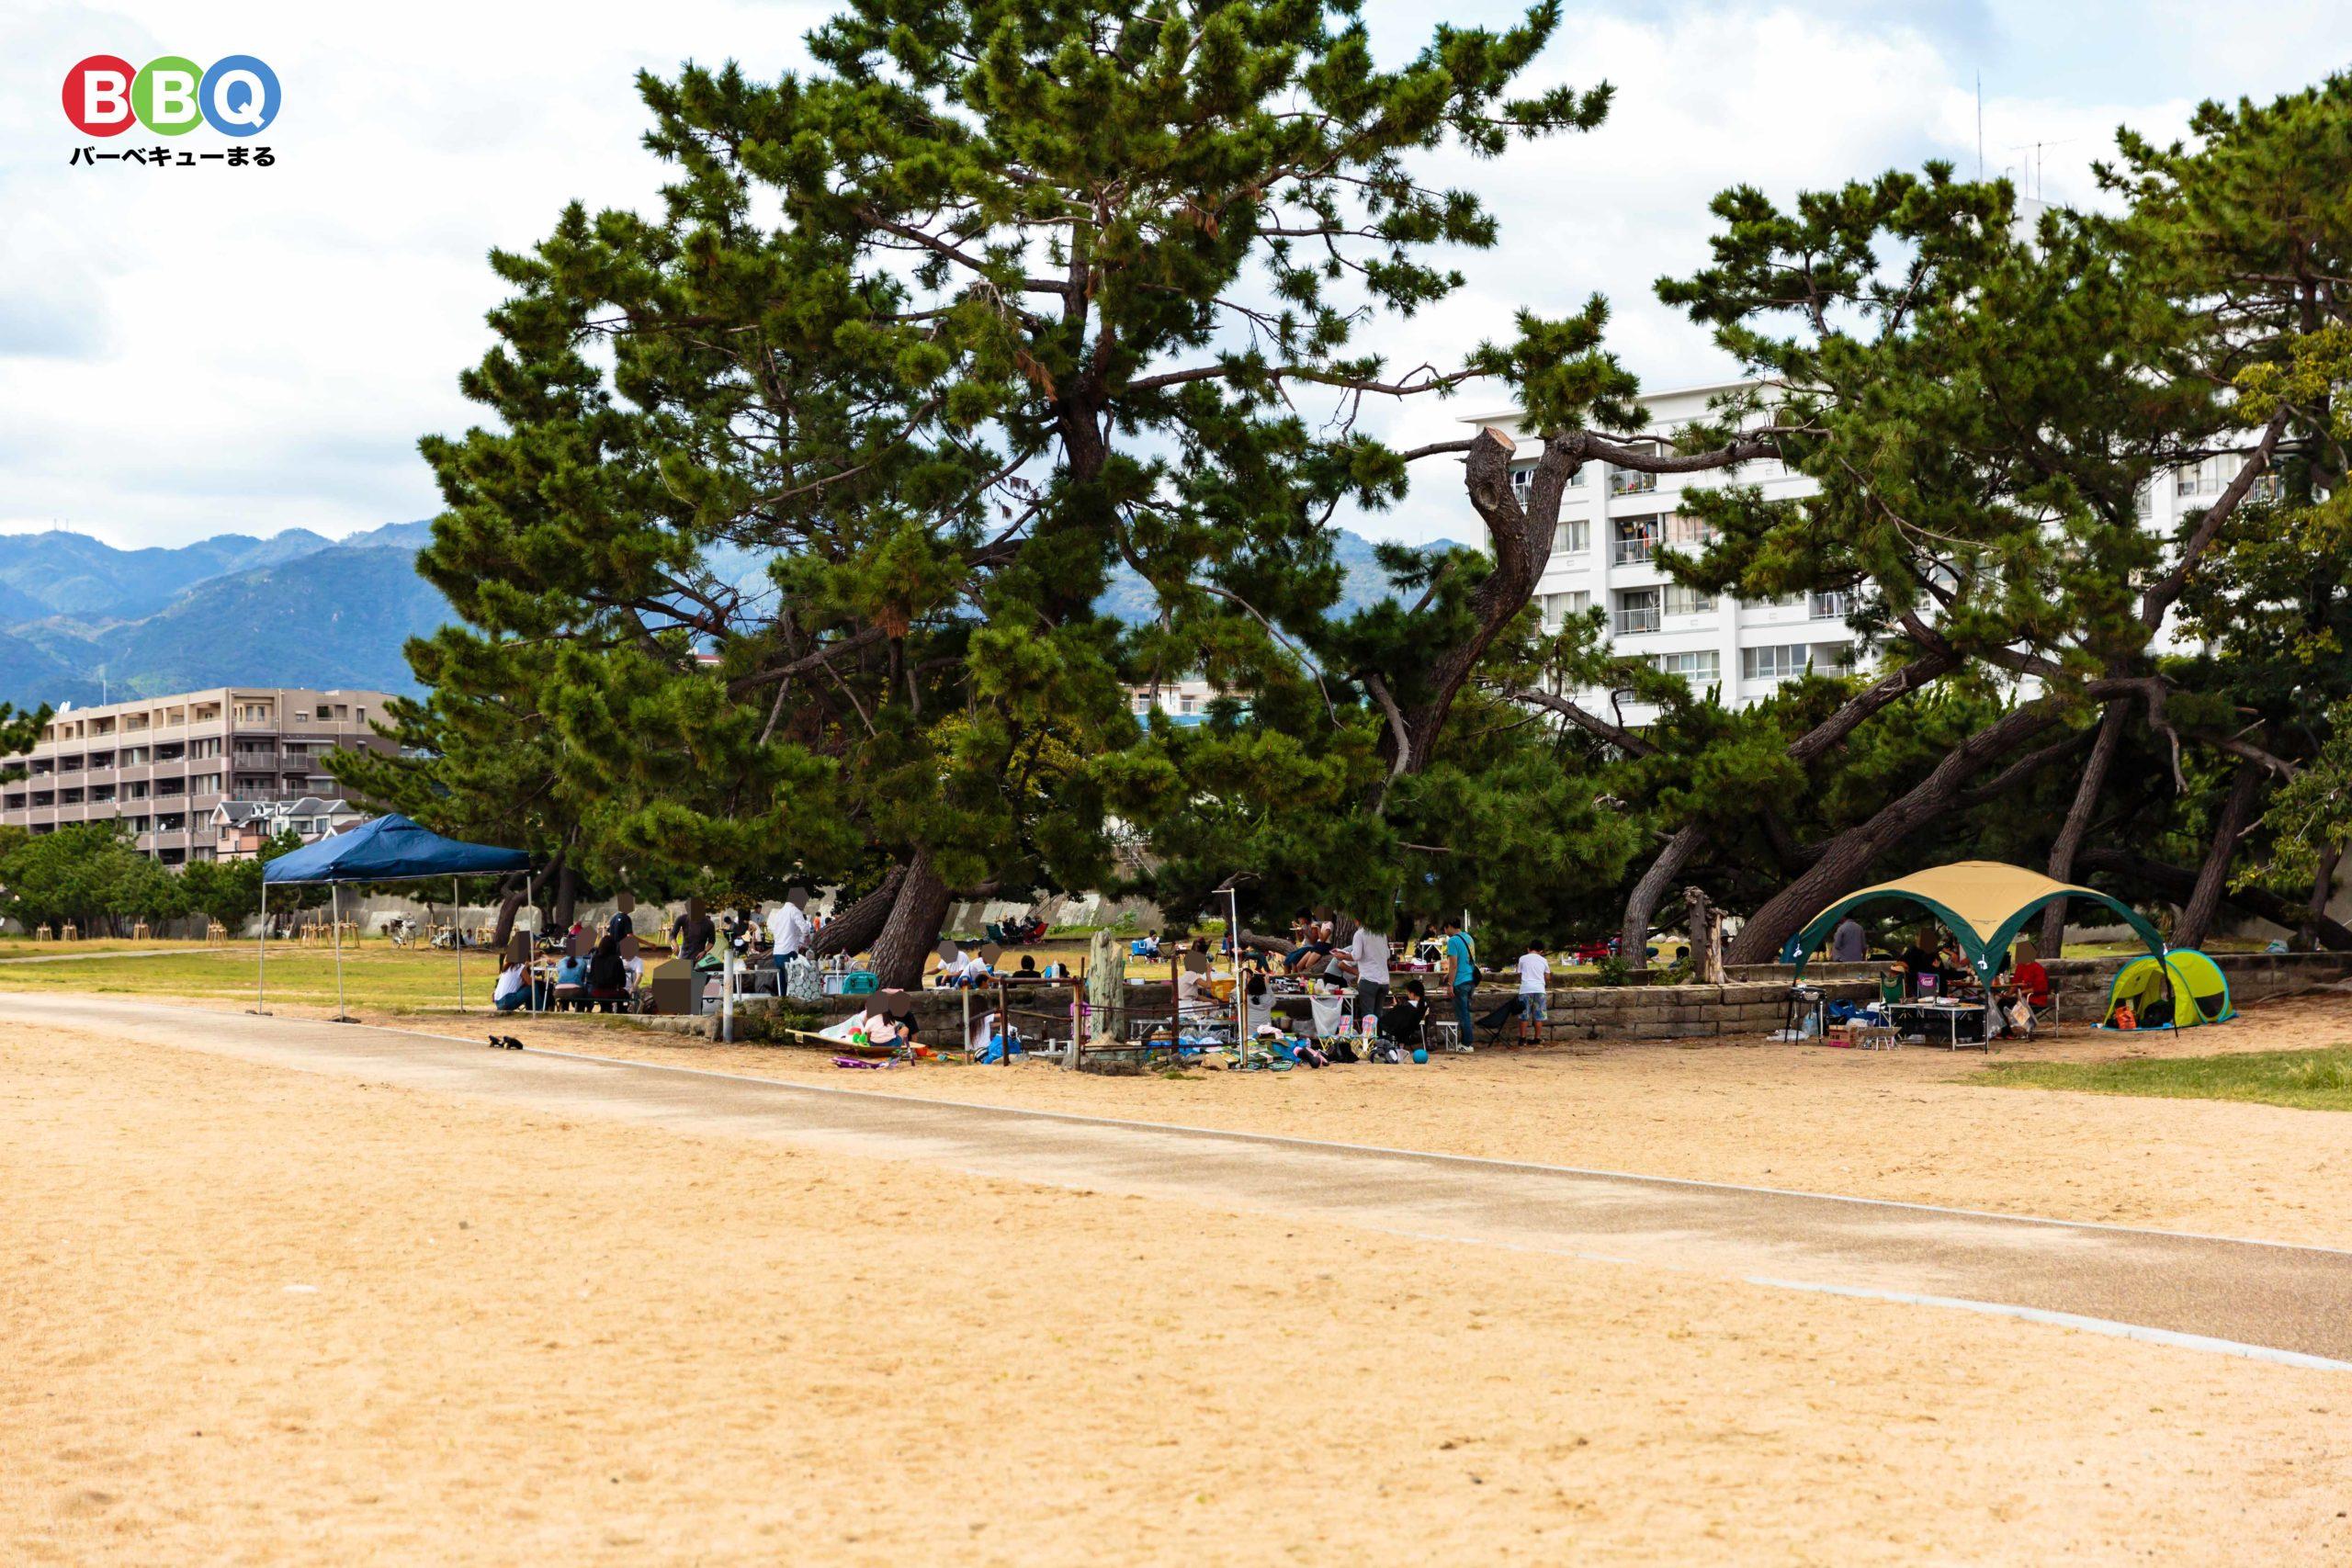 御前浜の小径(遊歩道)と防波堤の間にある木陰エリア